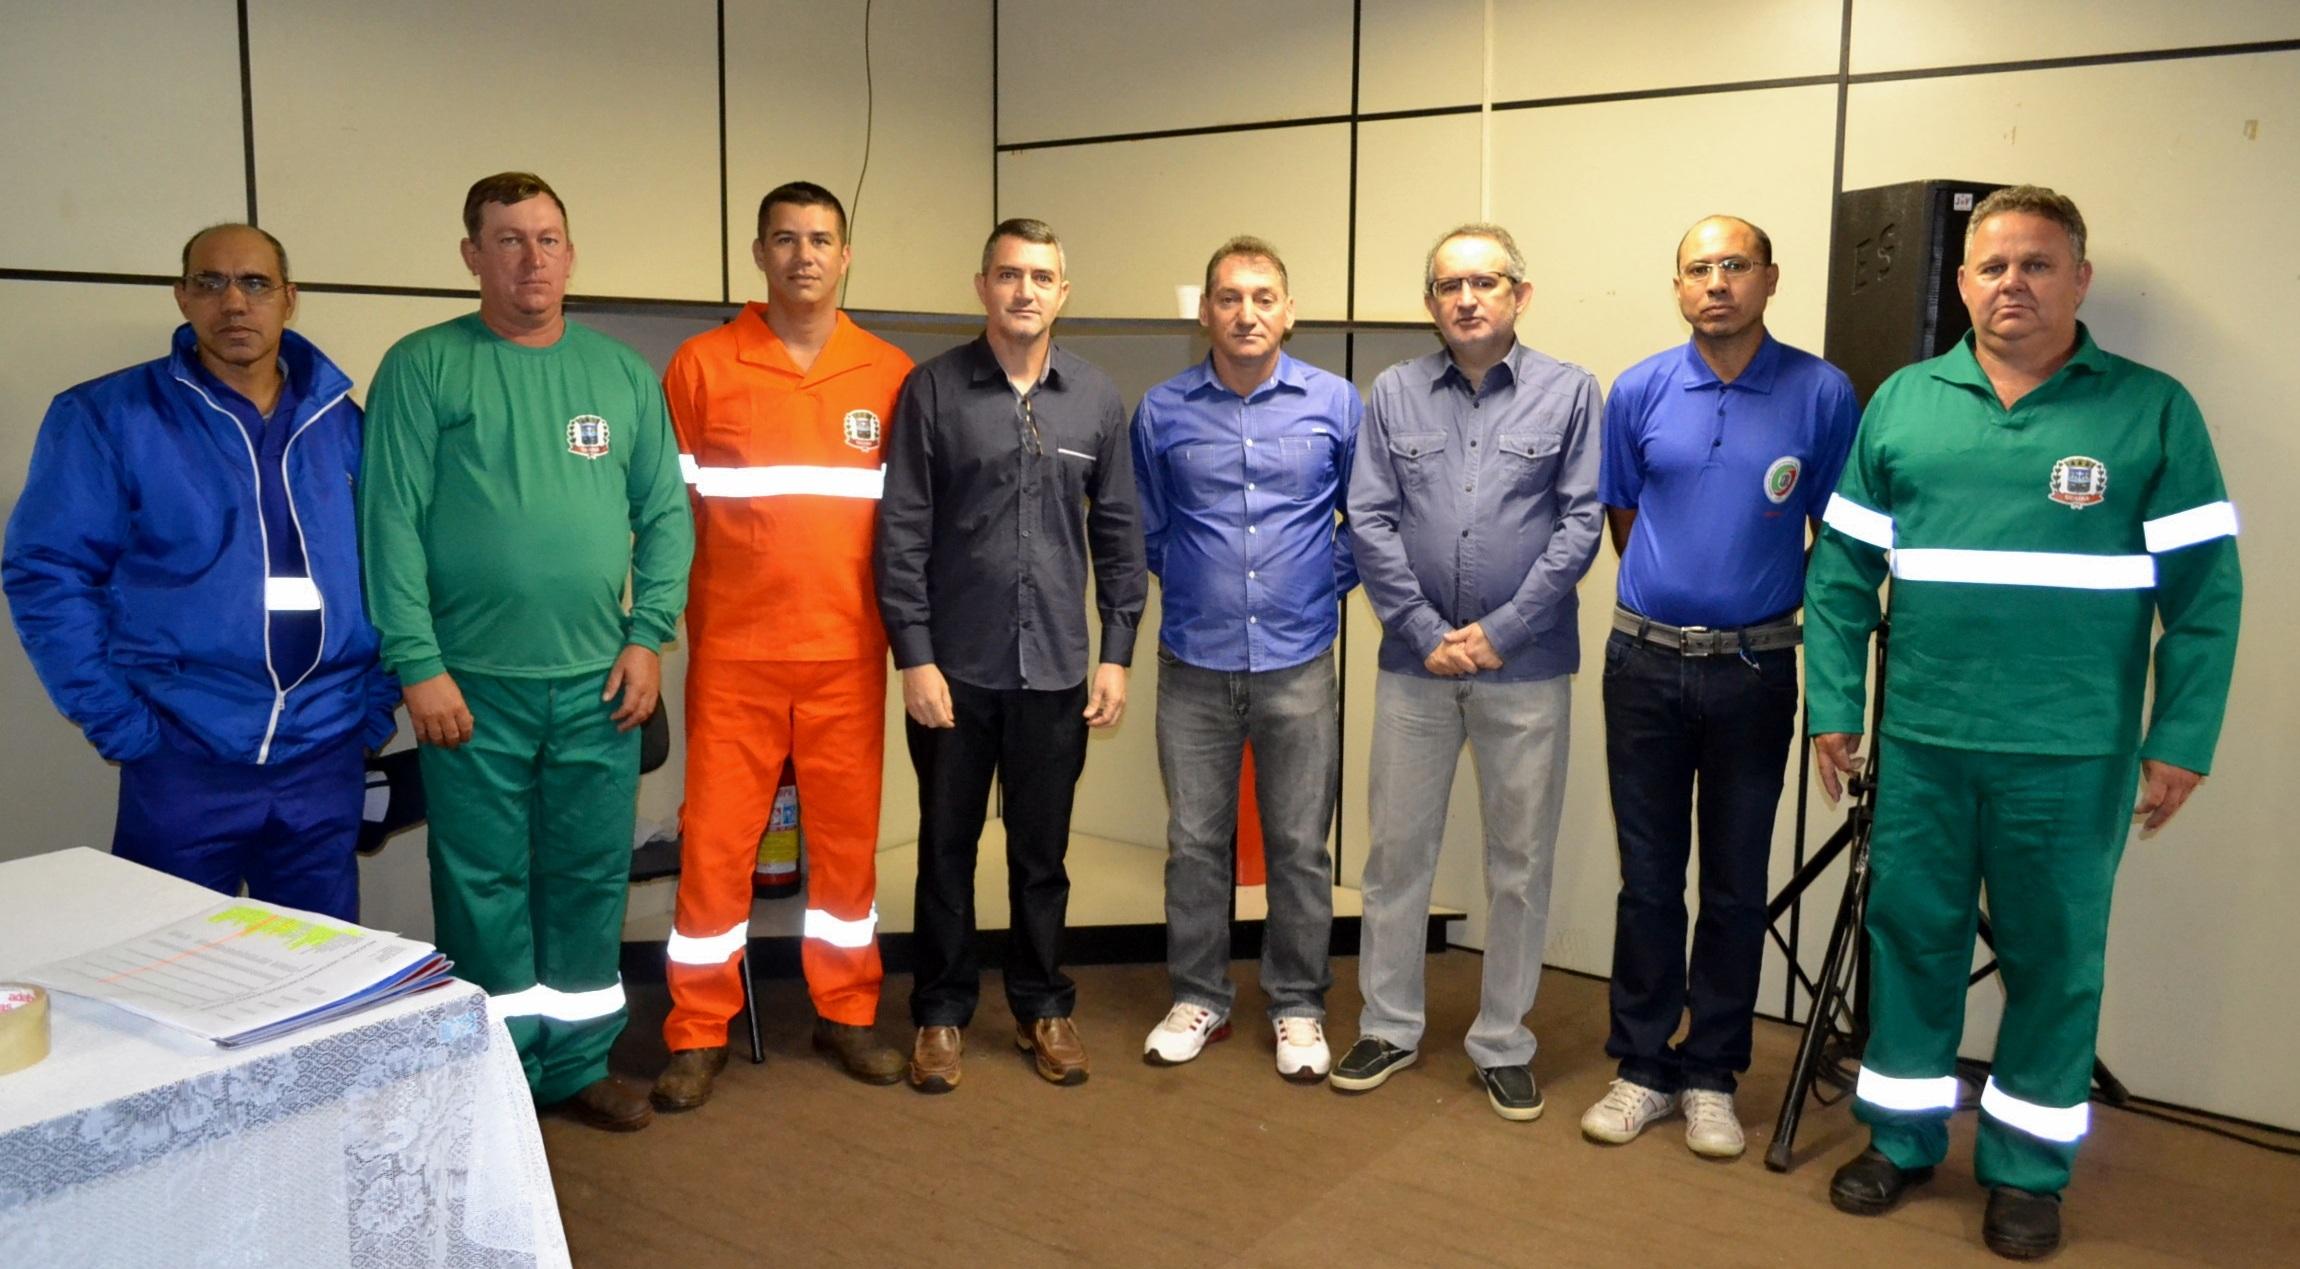 Vereador Almir, vice-prefeito Osmar e prefeito Fabian com funcion�rios utilizando os novos EPI�s